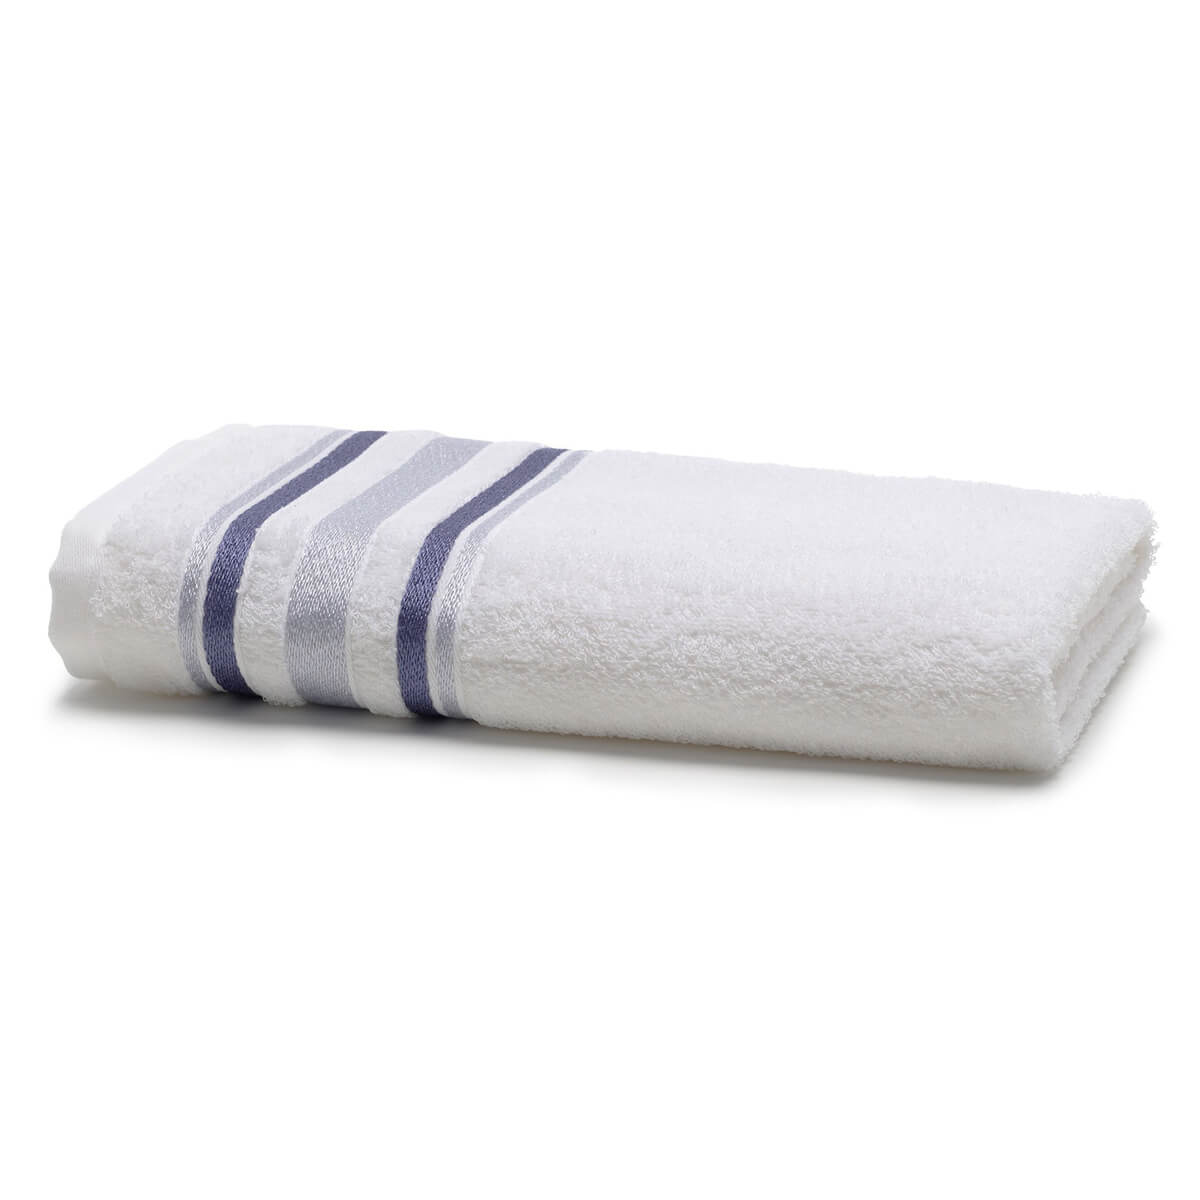 Toalha de Banho 100% Algodão Felpuda Serena Branca